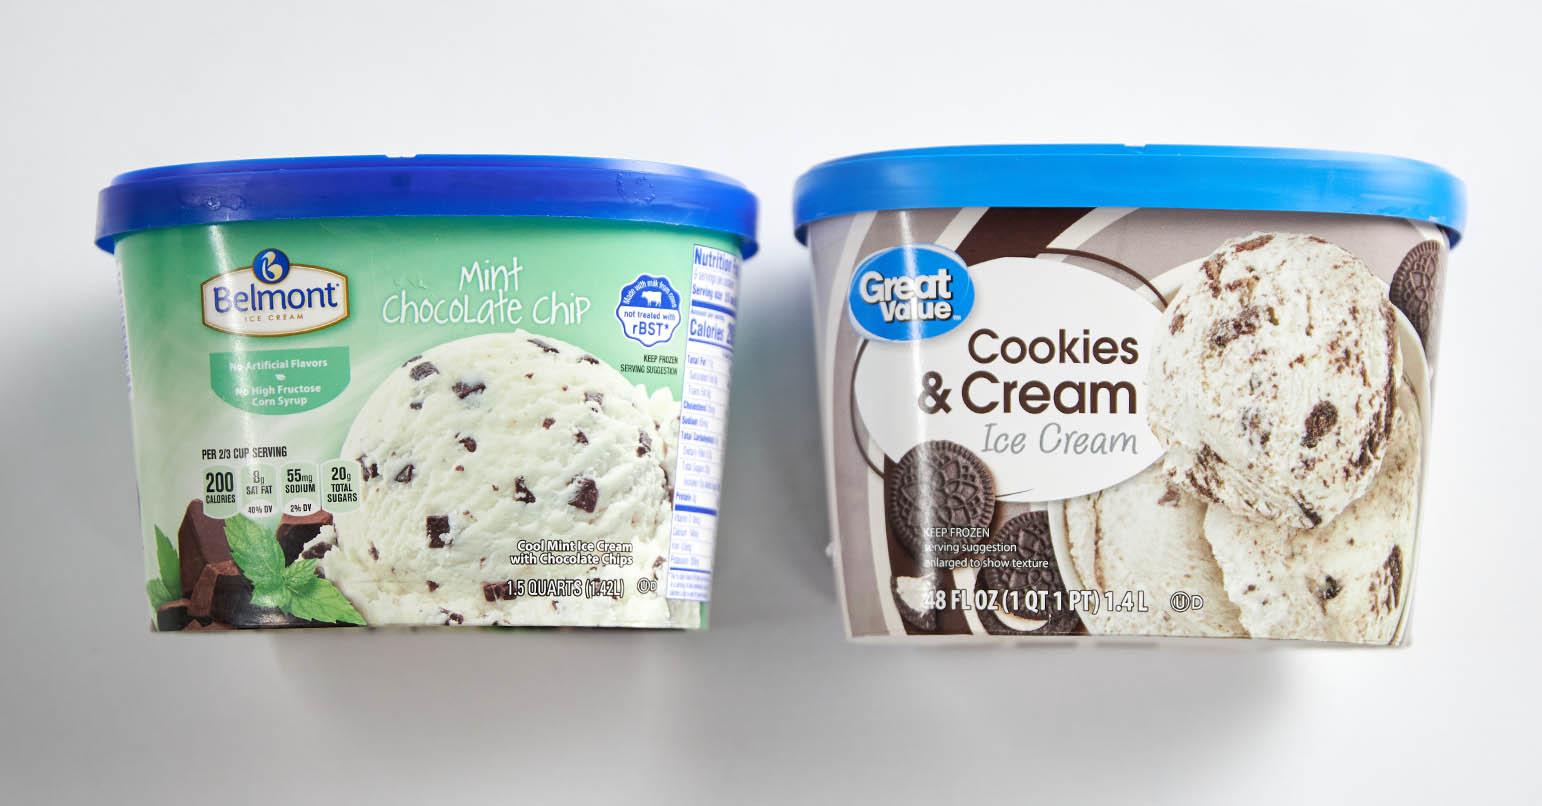 Aldi vs Walmart Ice Cream